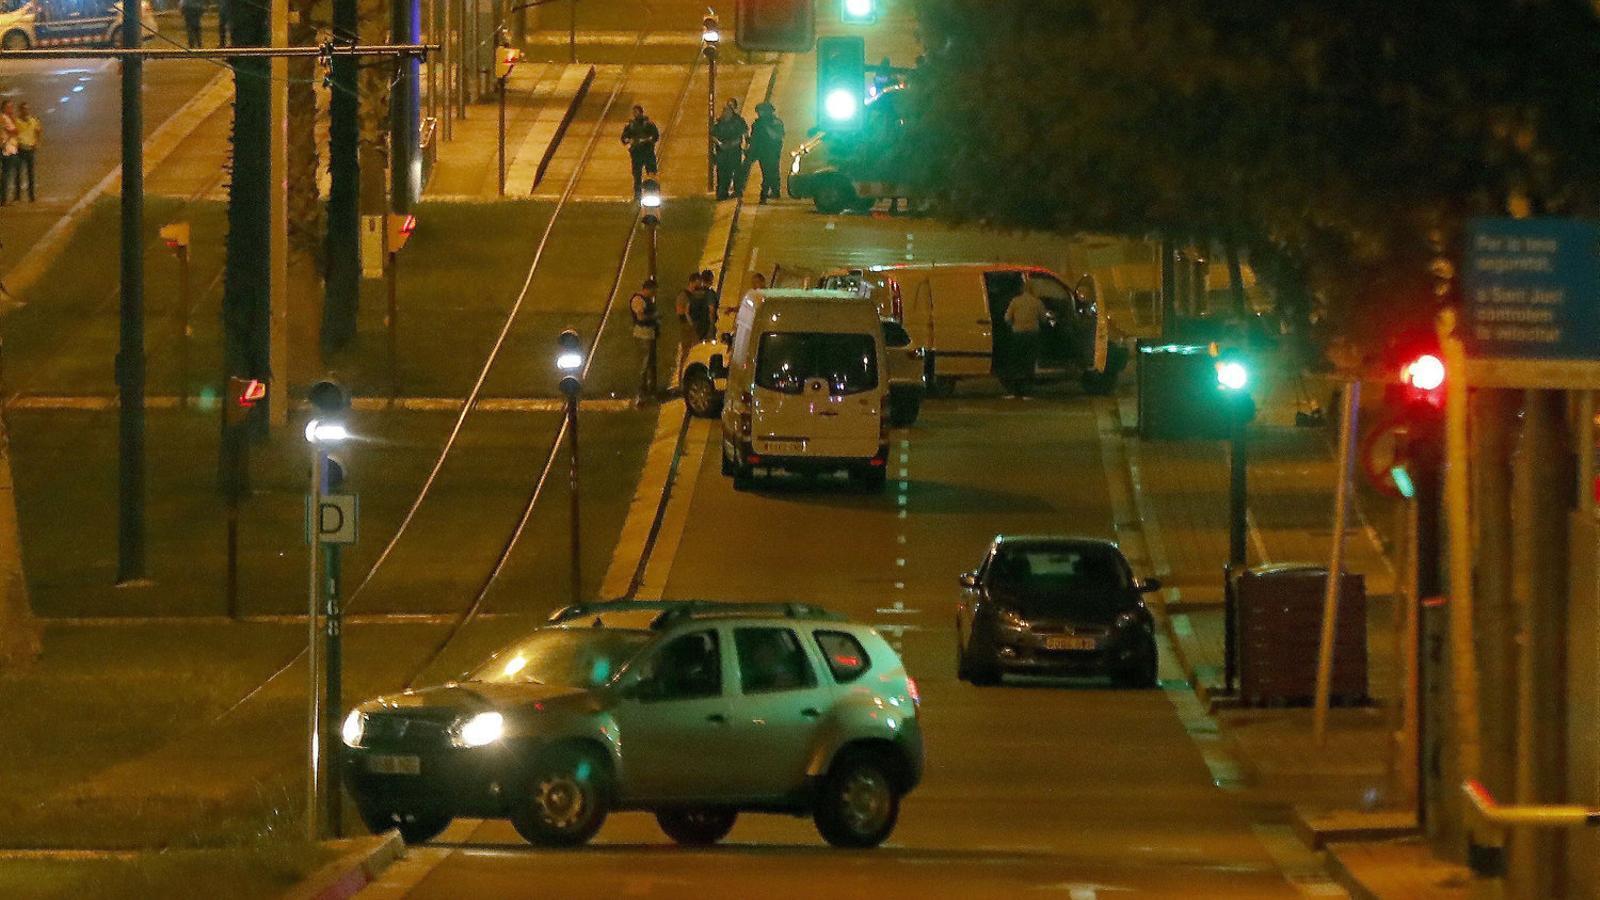 Els Mossos vinculen ara l'atac de la Rambla amb el cotxe de la Diagonal